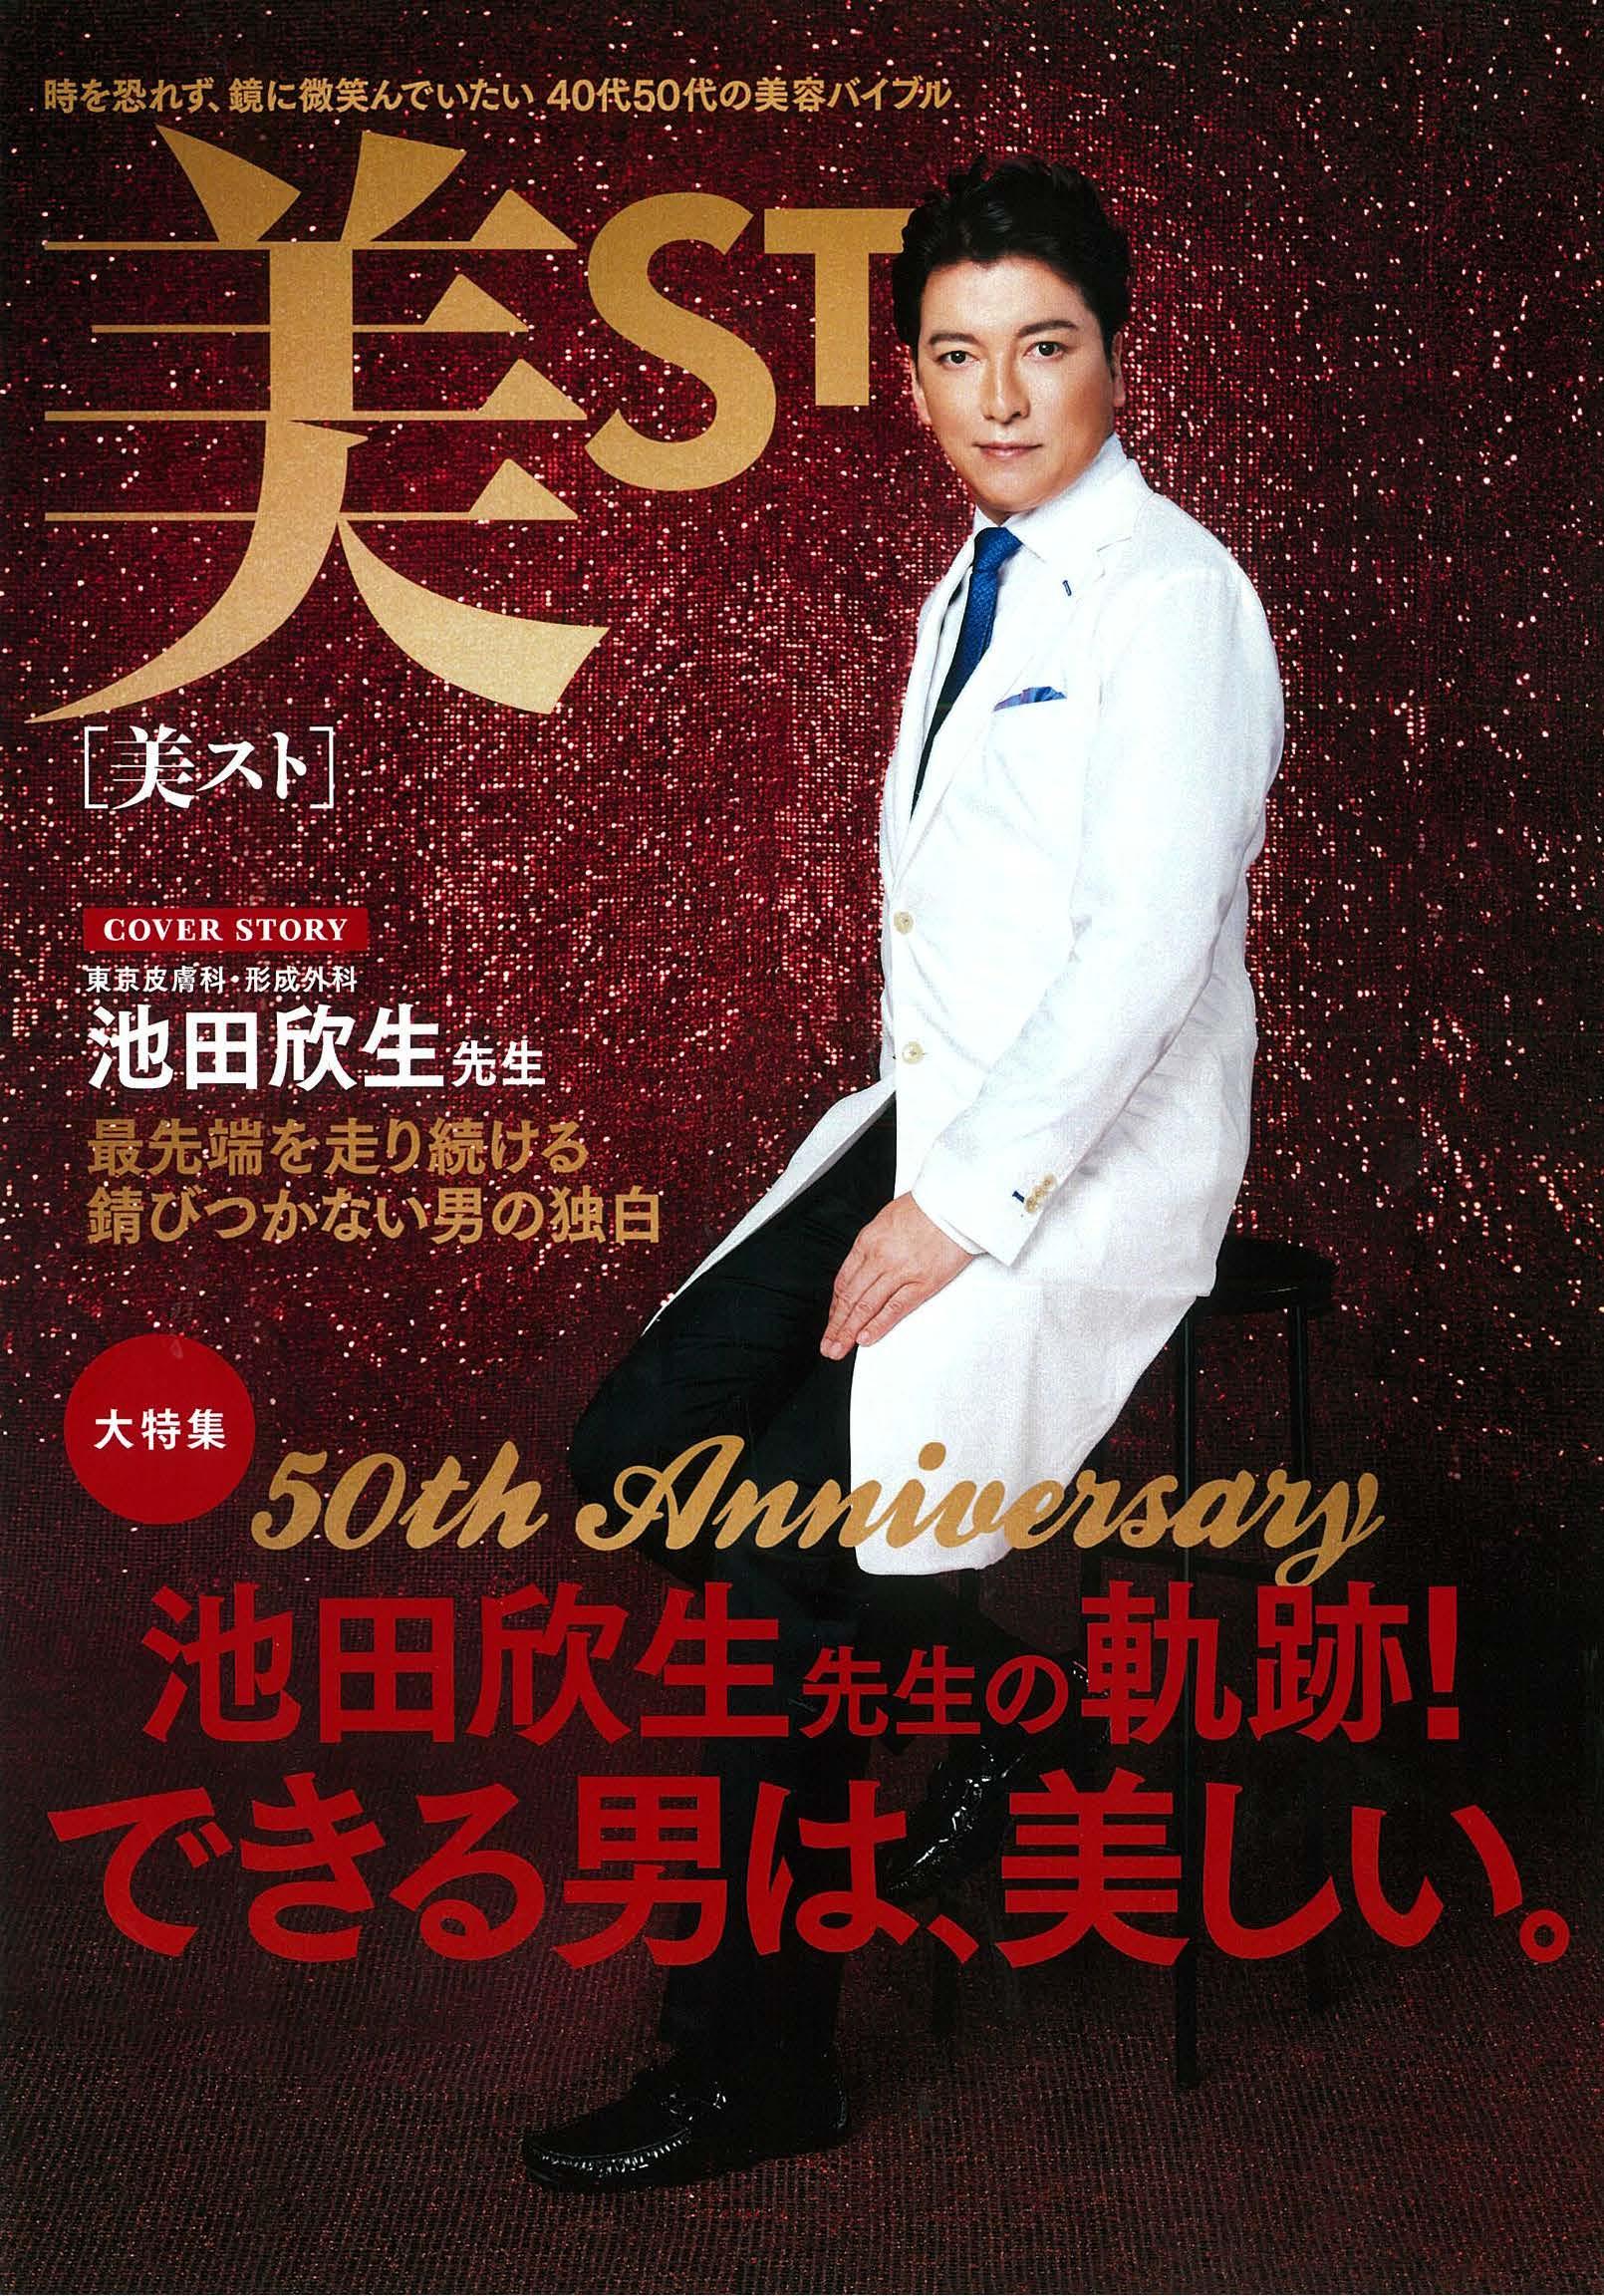 美ST増刊 08月26日号 2020年